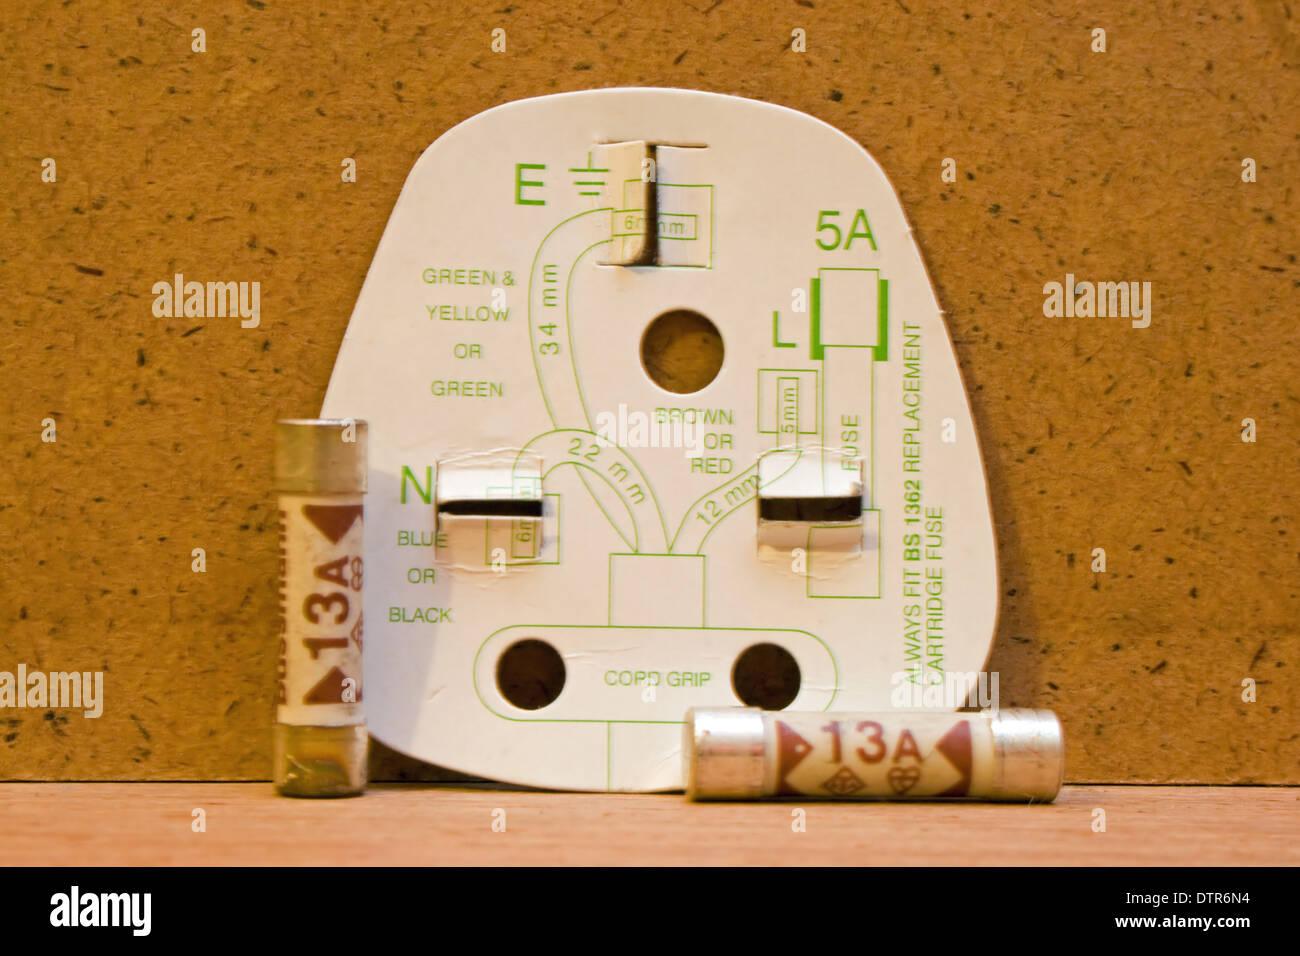 Wiring Diagram Wiring Schematics Free Download On On 240v Plug Wiring